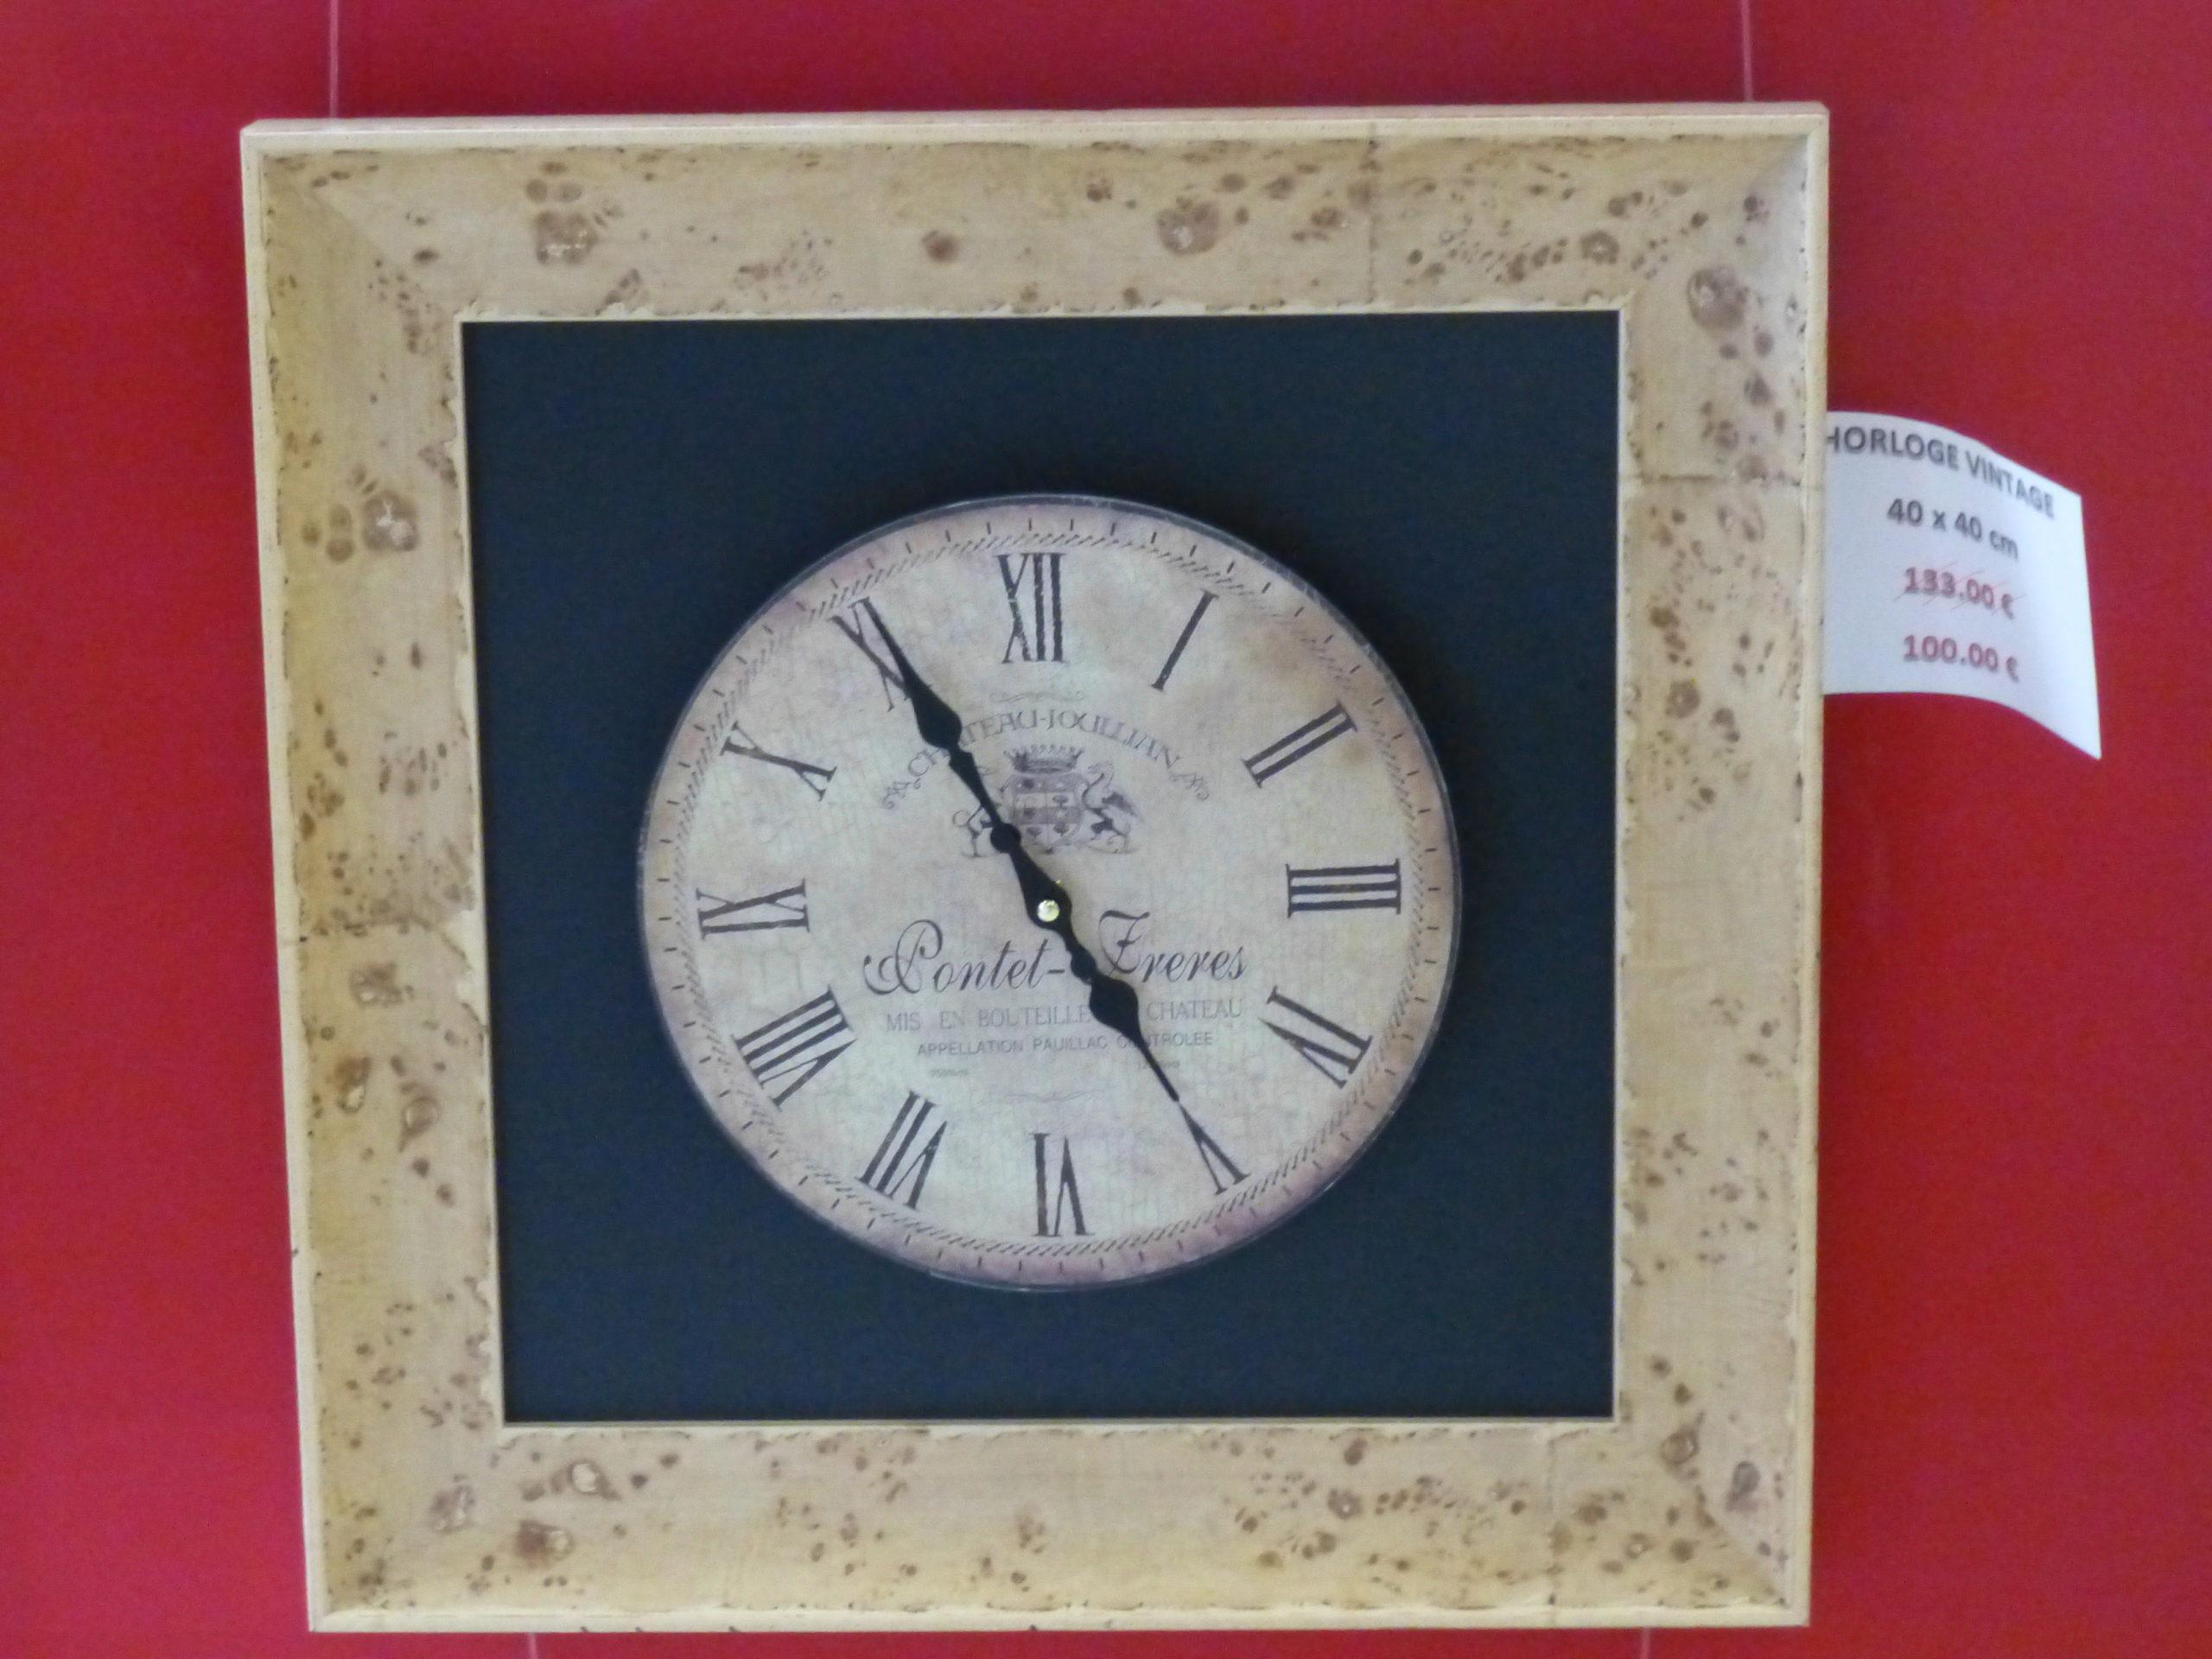 Horloge Vintage 40 x 40 cm